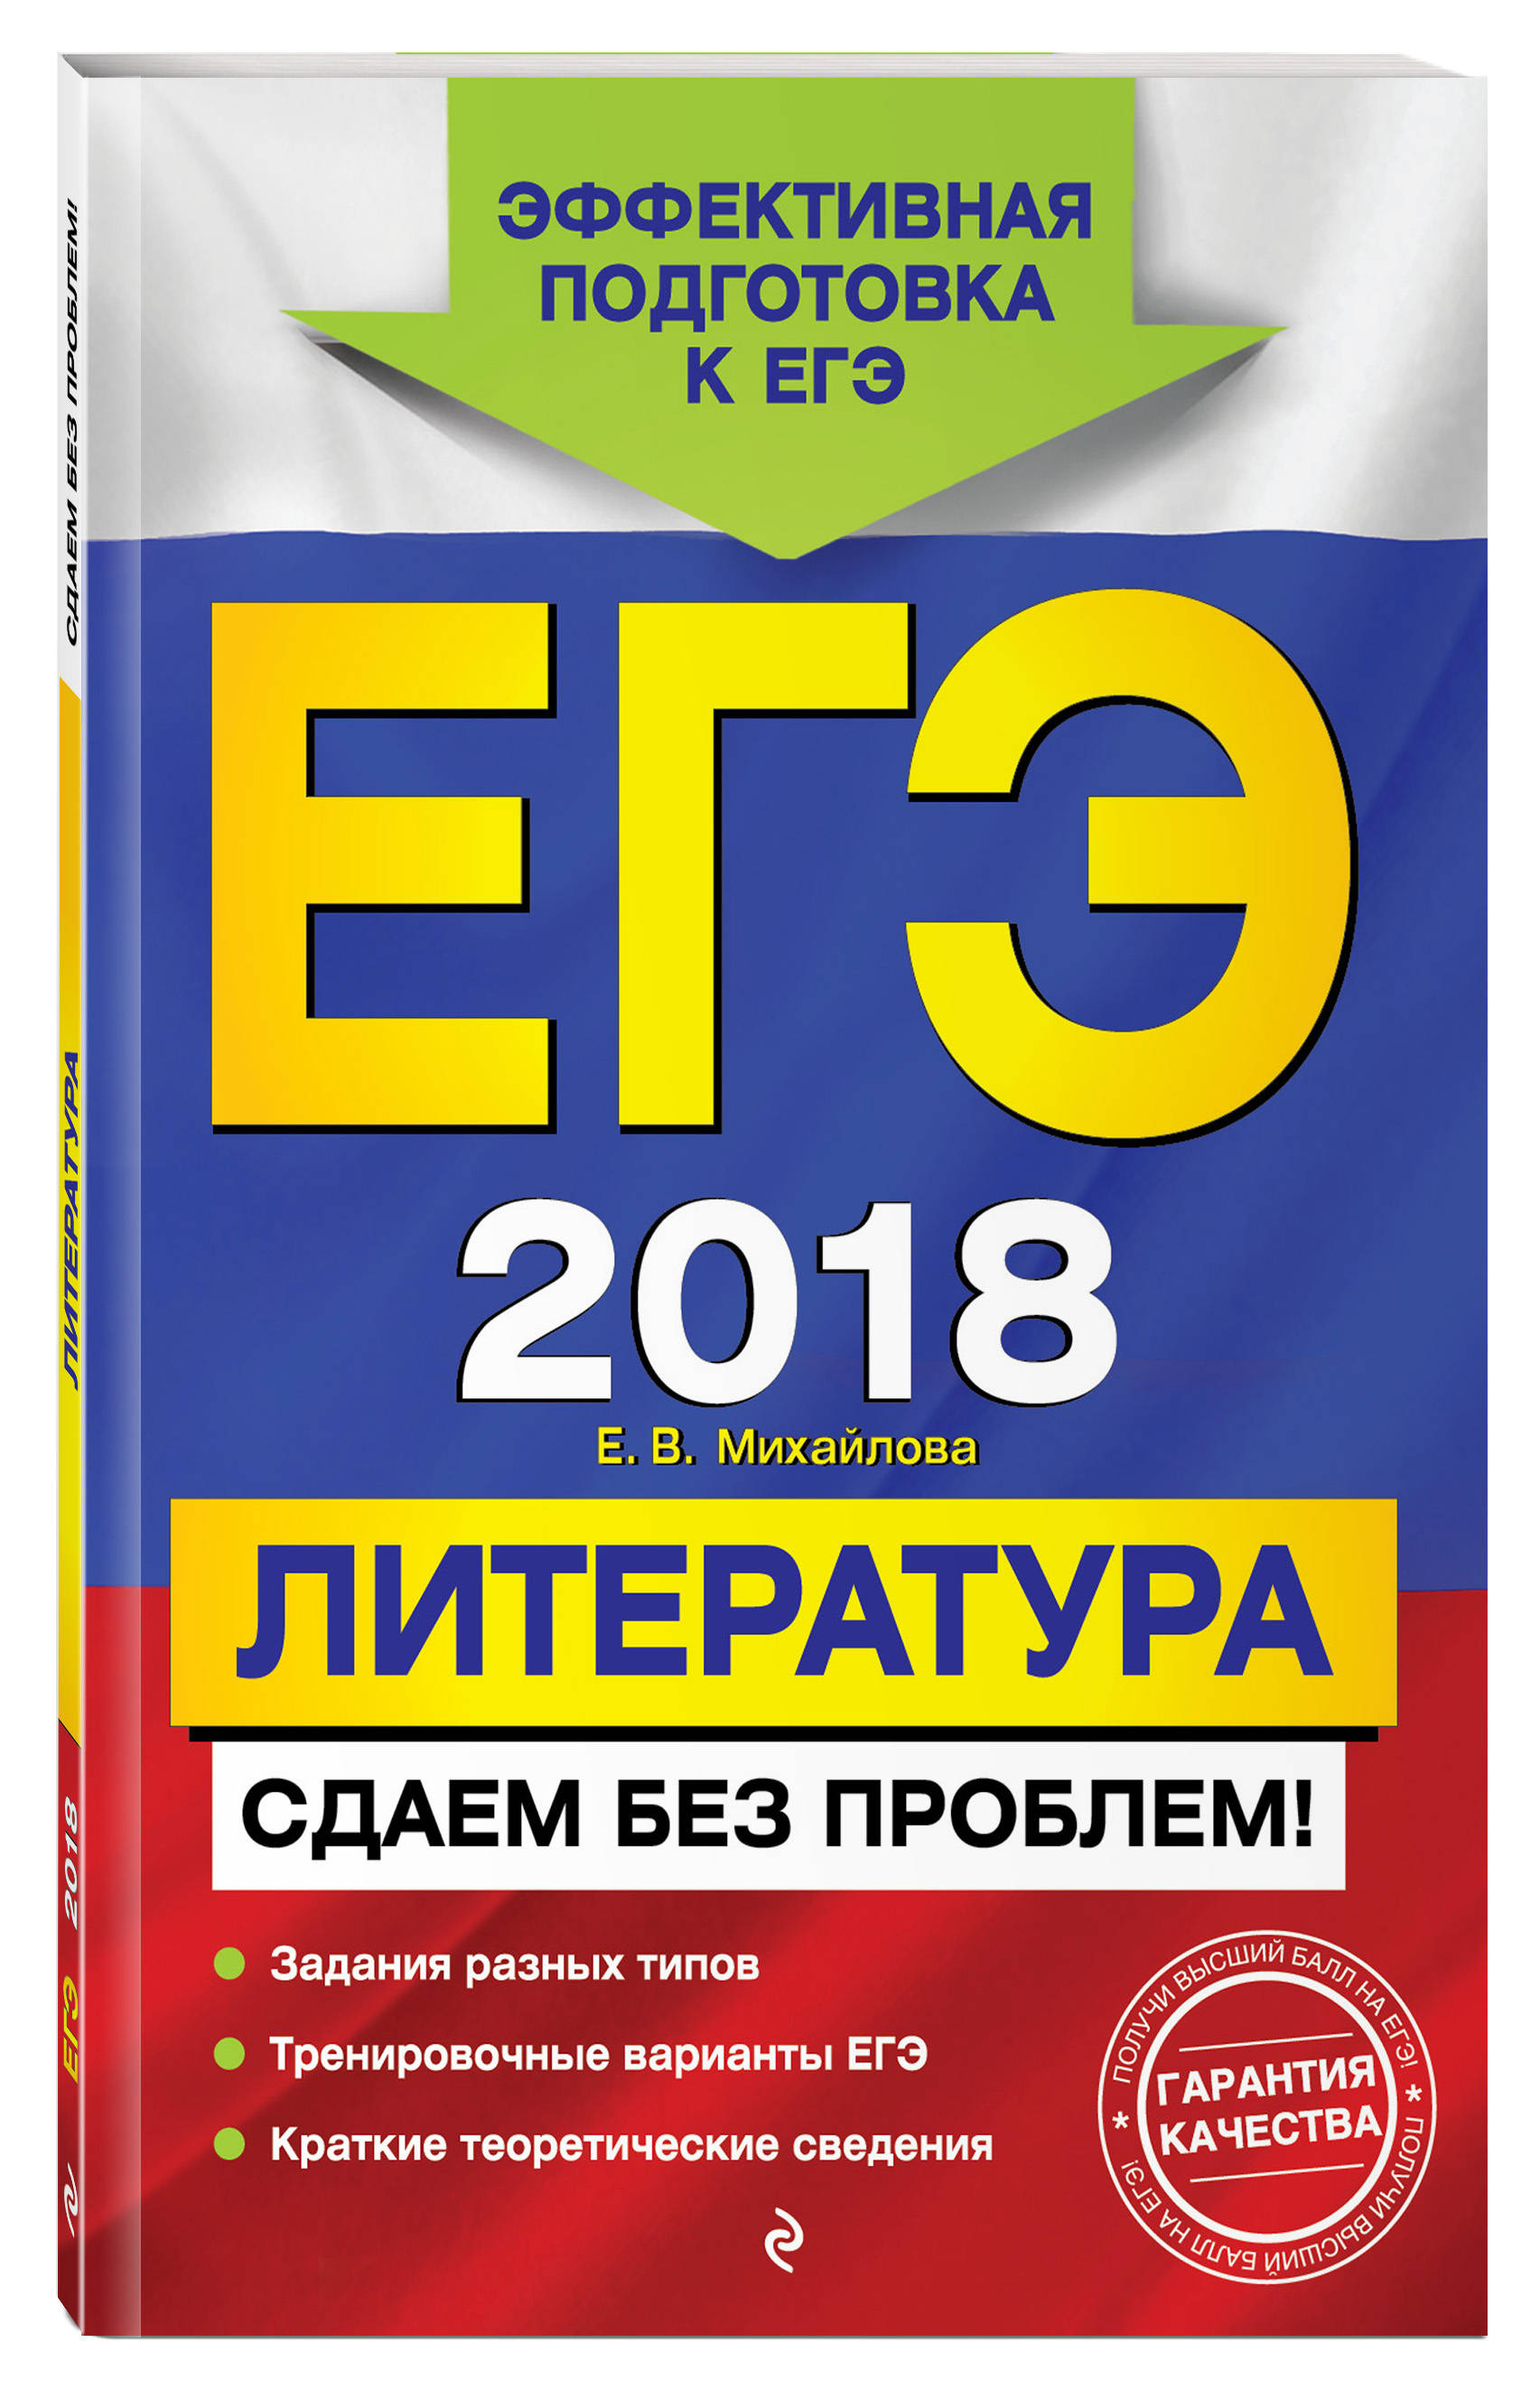 ЕГЭ-2018. Литература. Сдаем без проблем!